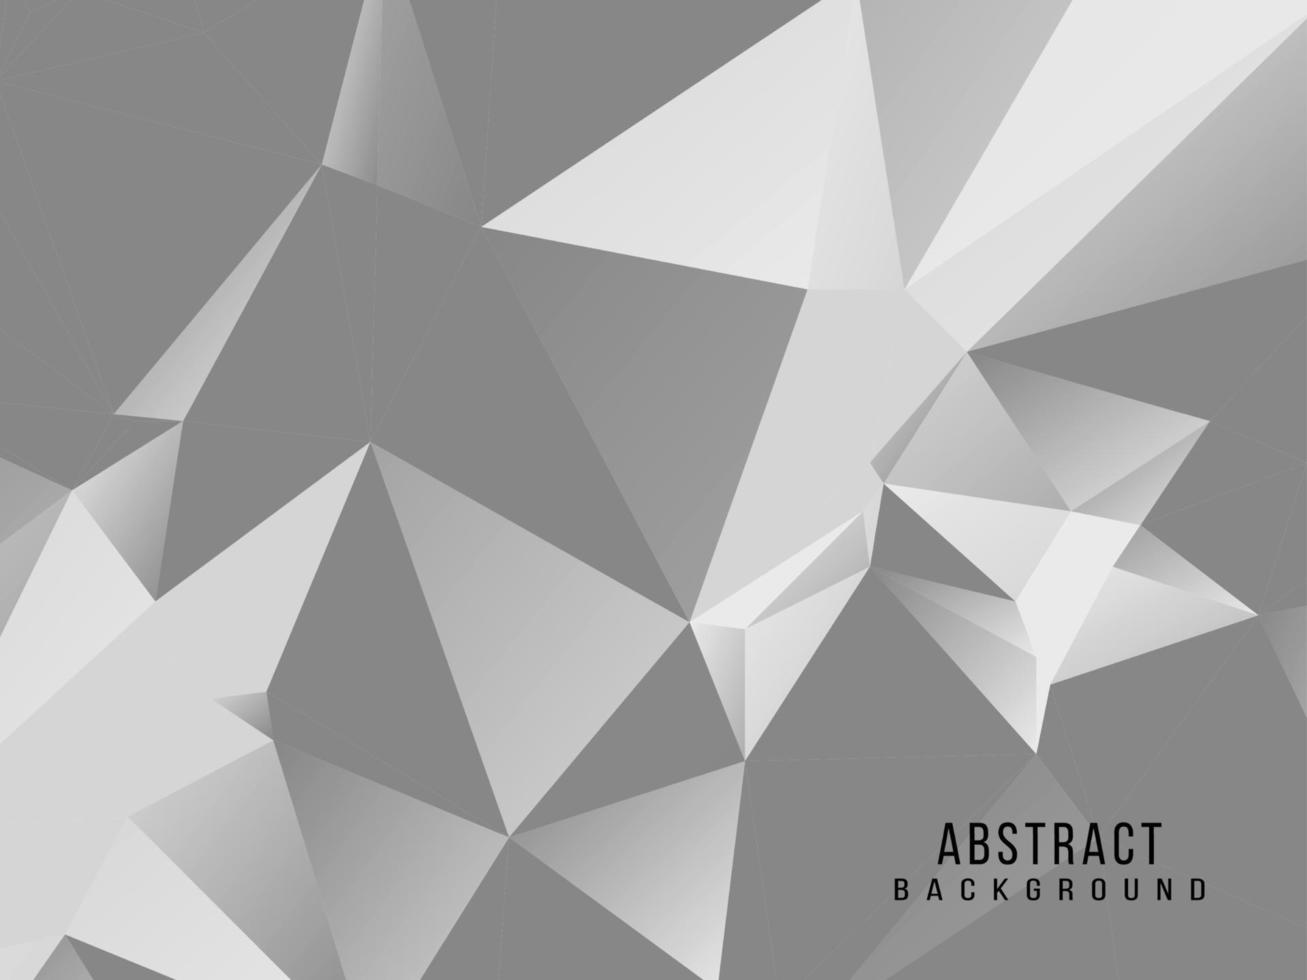 disegno di sfondo moderno elegante geometrico grigio e bianco astratto vettore